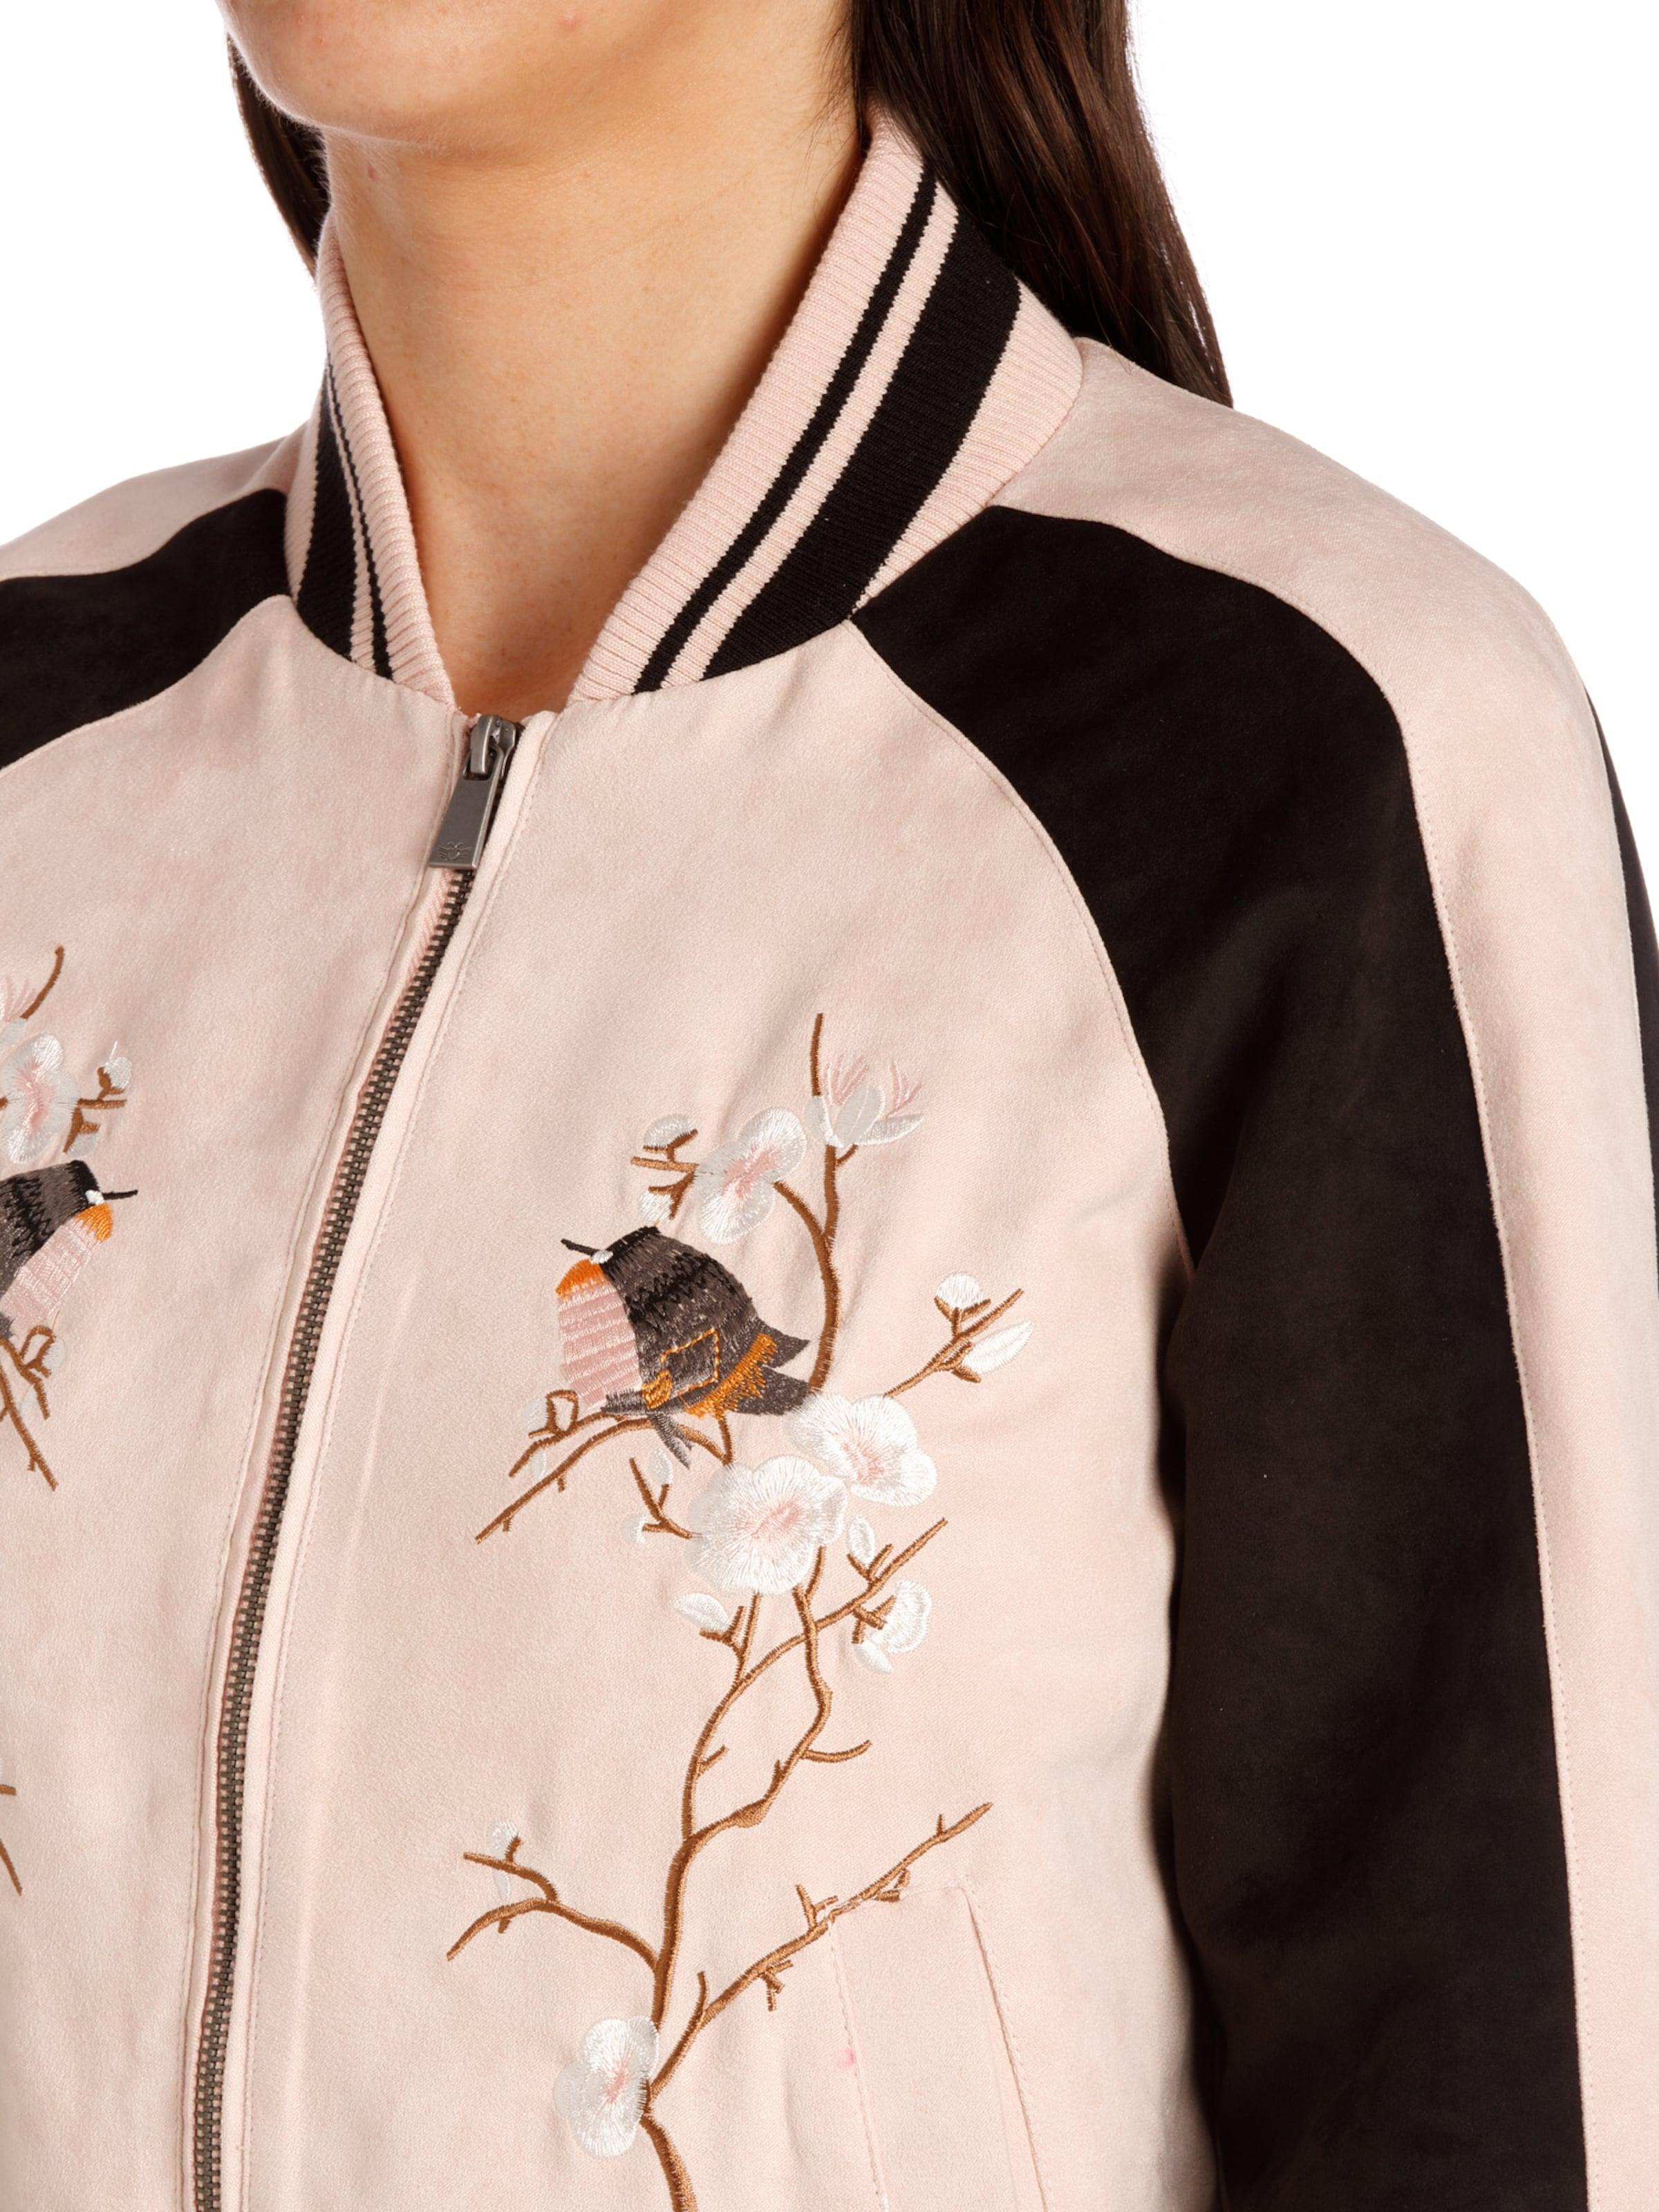 Fritzi aus Preußen Bomber Jacket ' Greensboro Fake Suede Embroidery ' Erhalten Zu Kaufen iWOrzy